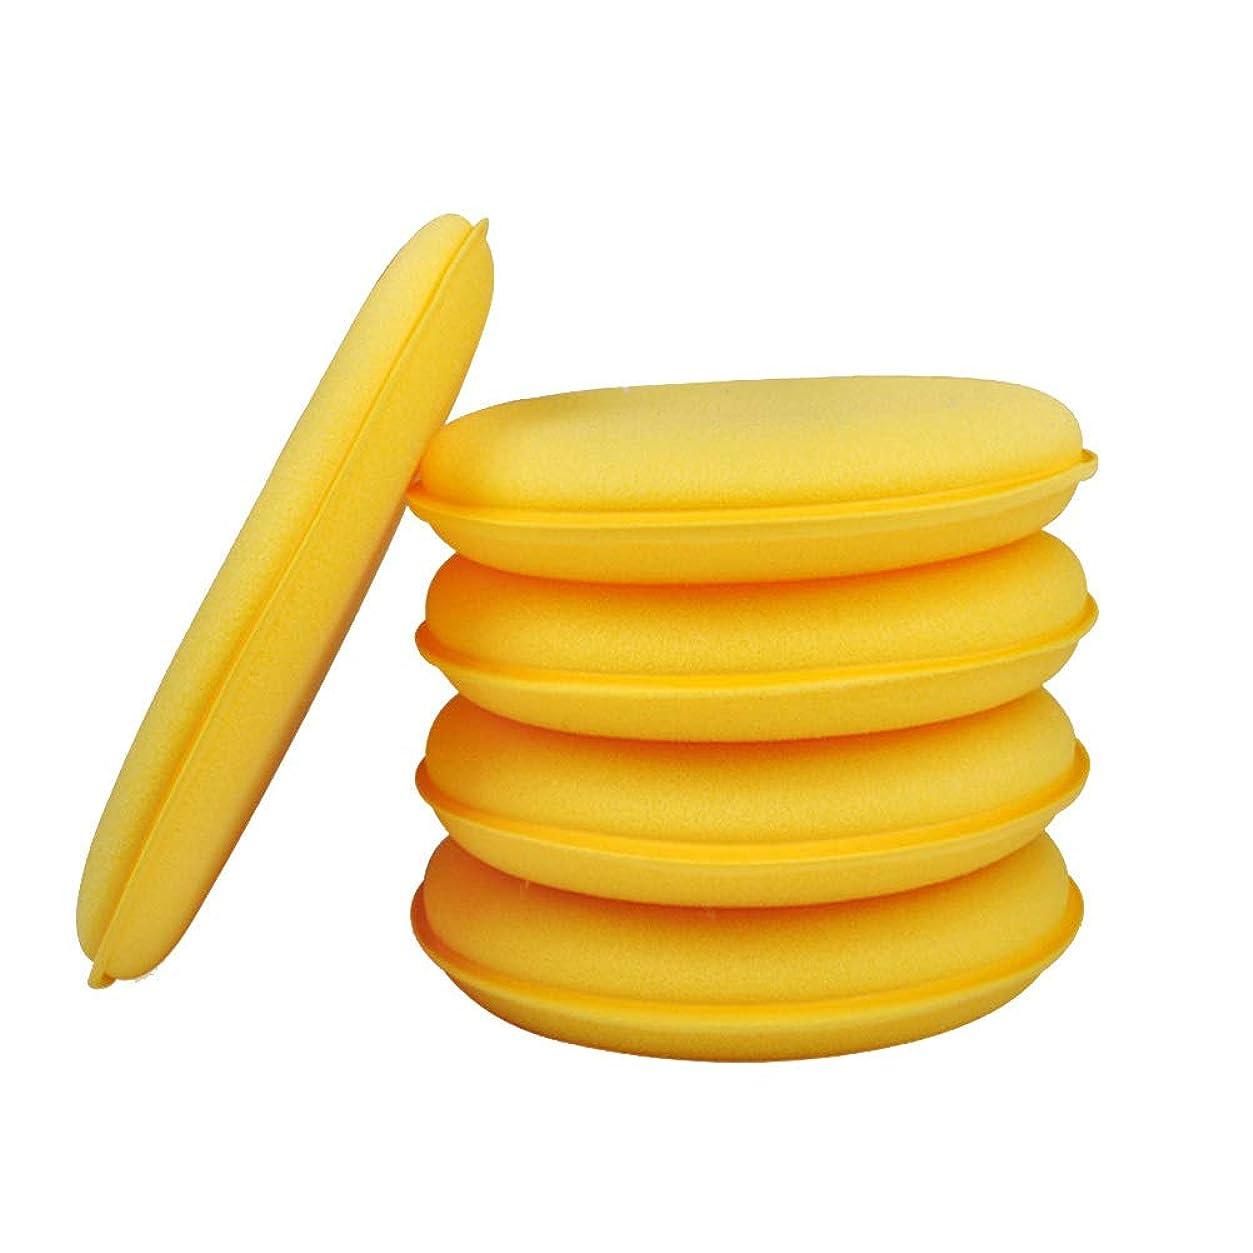 露出度の高い寛容偽装するVosarea 10ピース洗車スポンジ洗浄スクラバーカーワックスアプリケーターパッド用自動車自動車クリーナーツール(黄色)